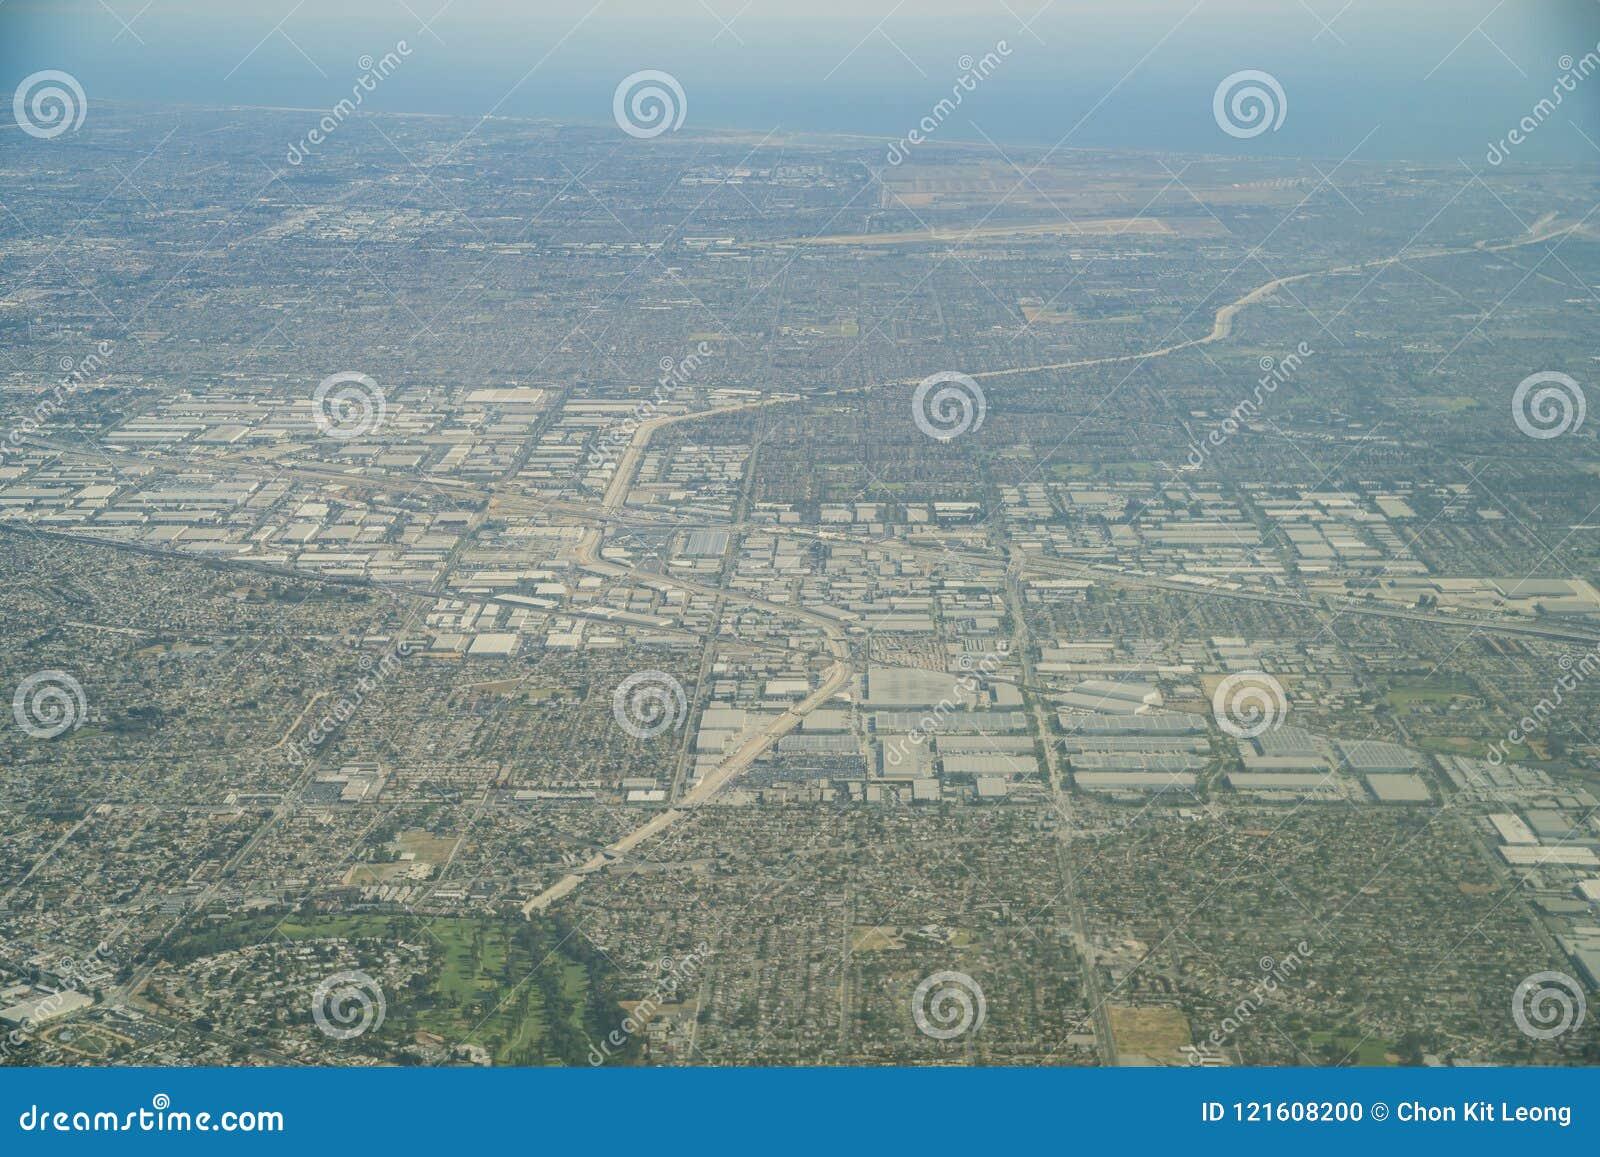 Vista aérea da Buena Park, Cerritos